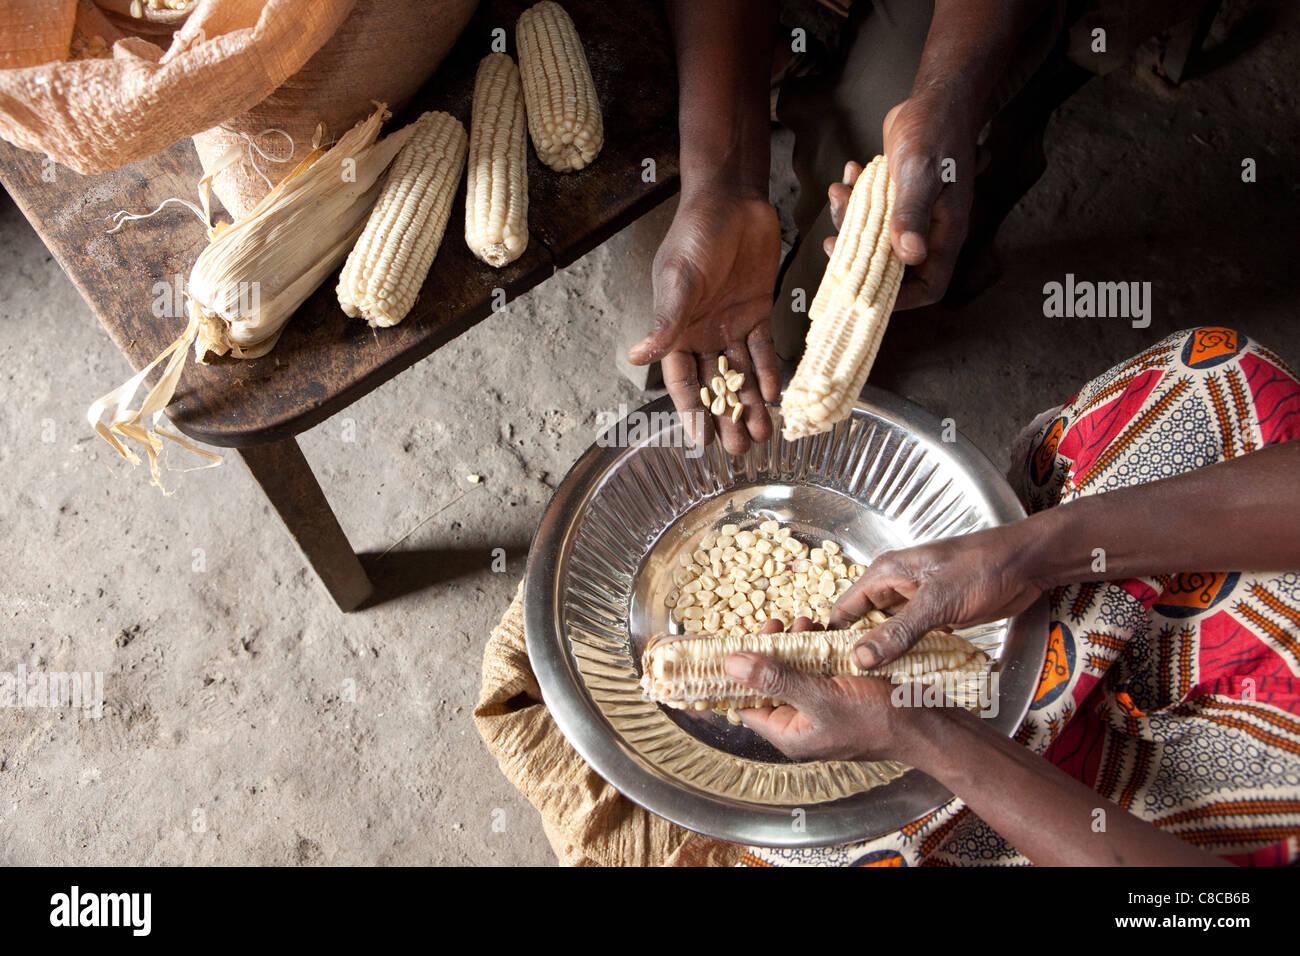 Supprime un ou deux grains de maïs au cobb de Mongu, Zambie, Afrique du Sud. Photo Stock